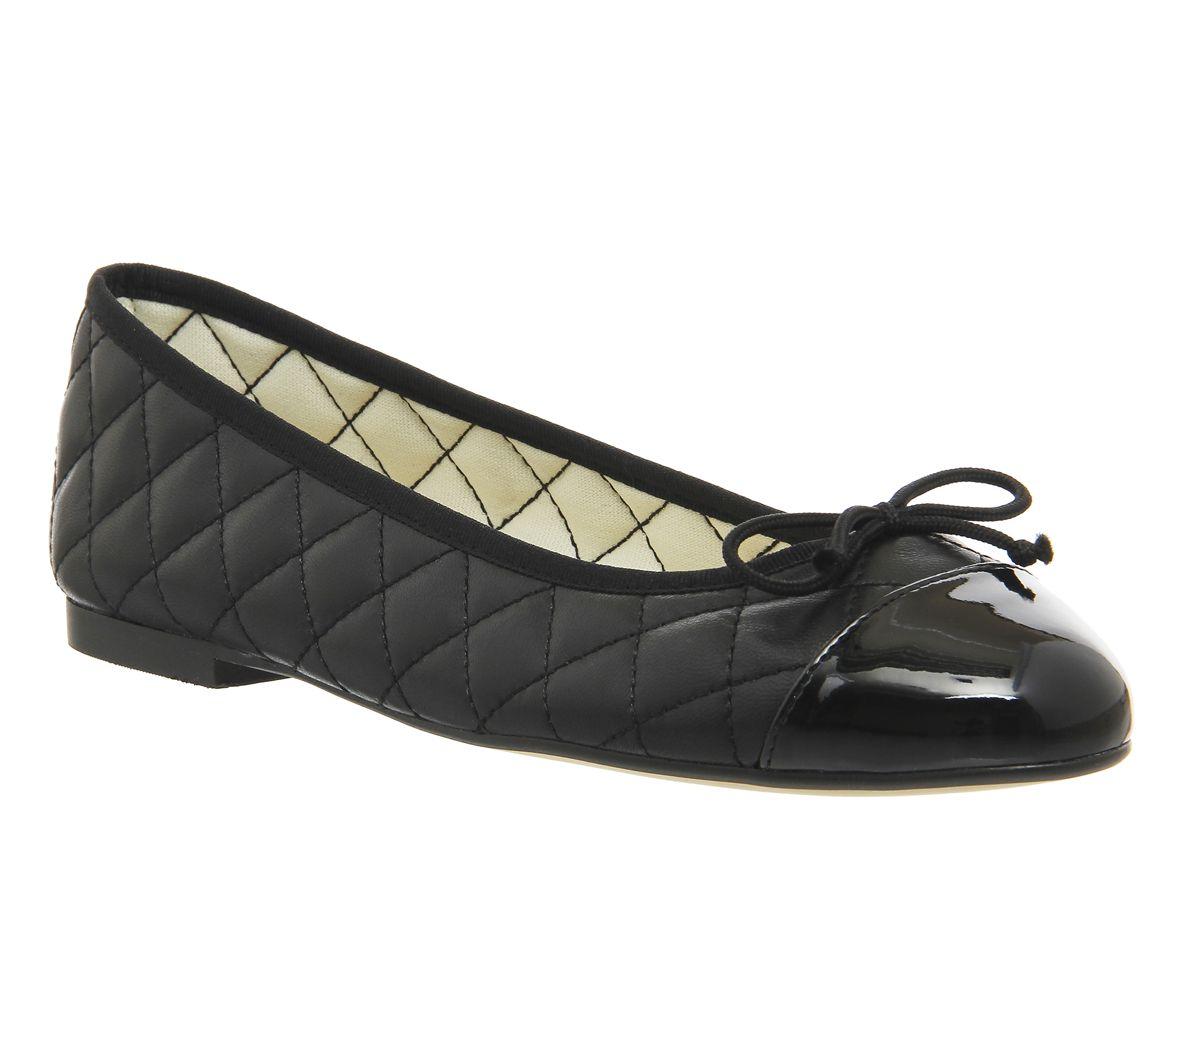 7aaf197f3a6b6 Office Cecilia Toe Cap Ballet Pumps Black Leather Patent - Flats